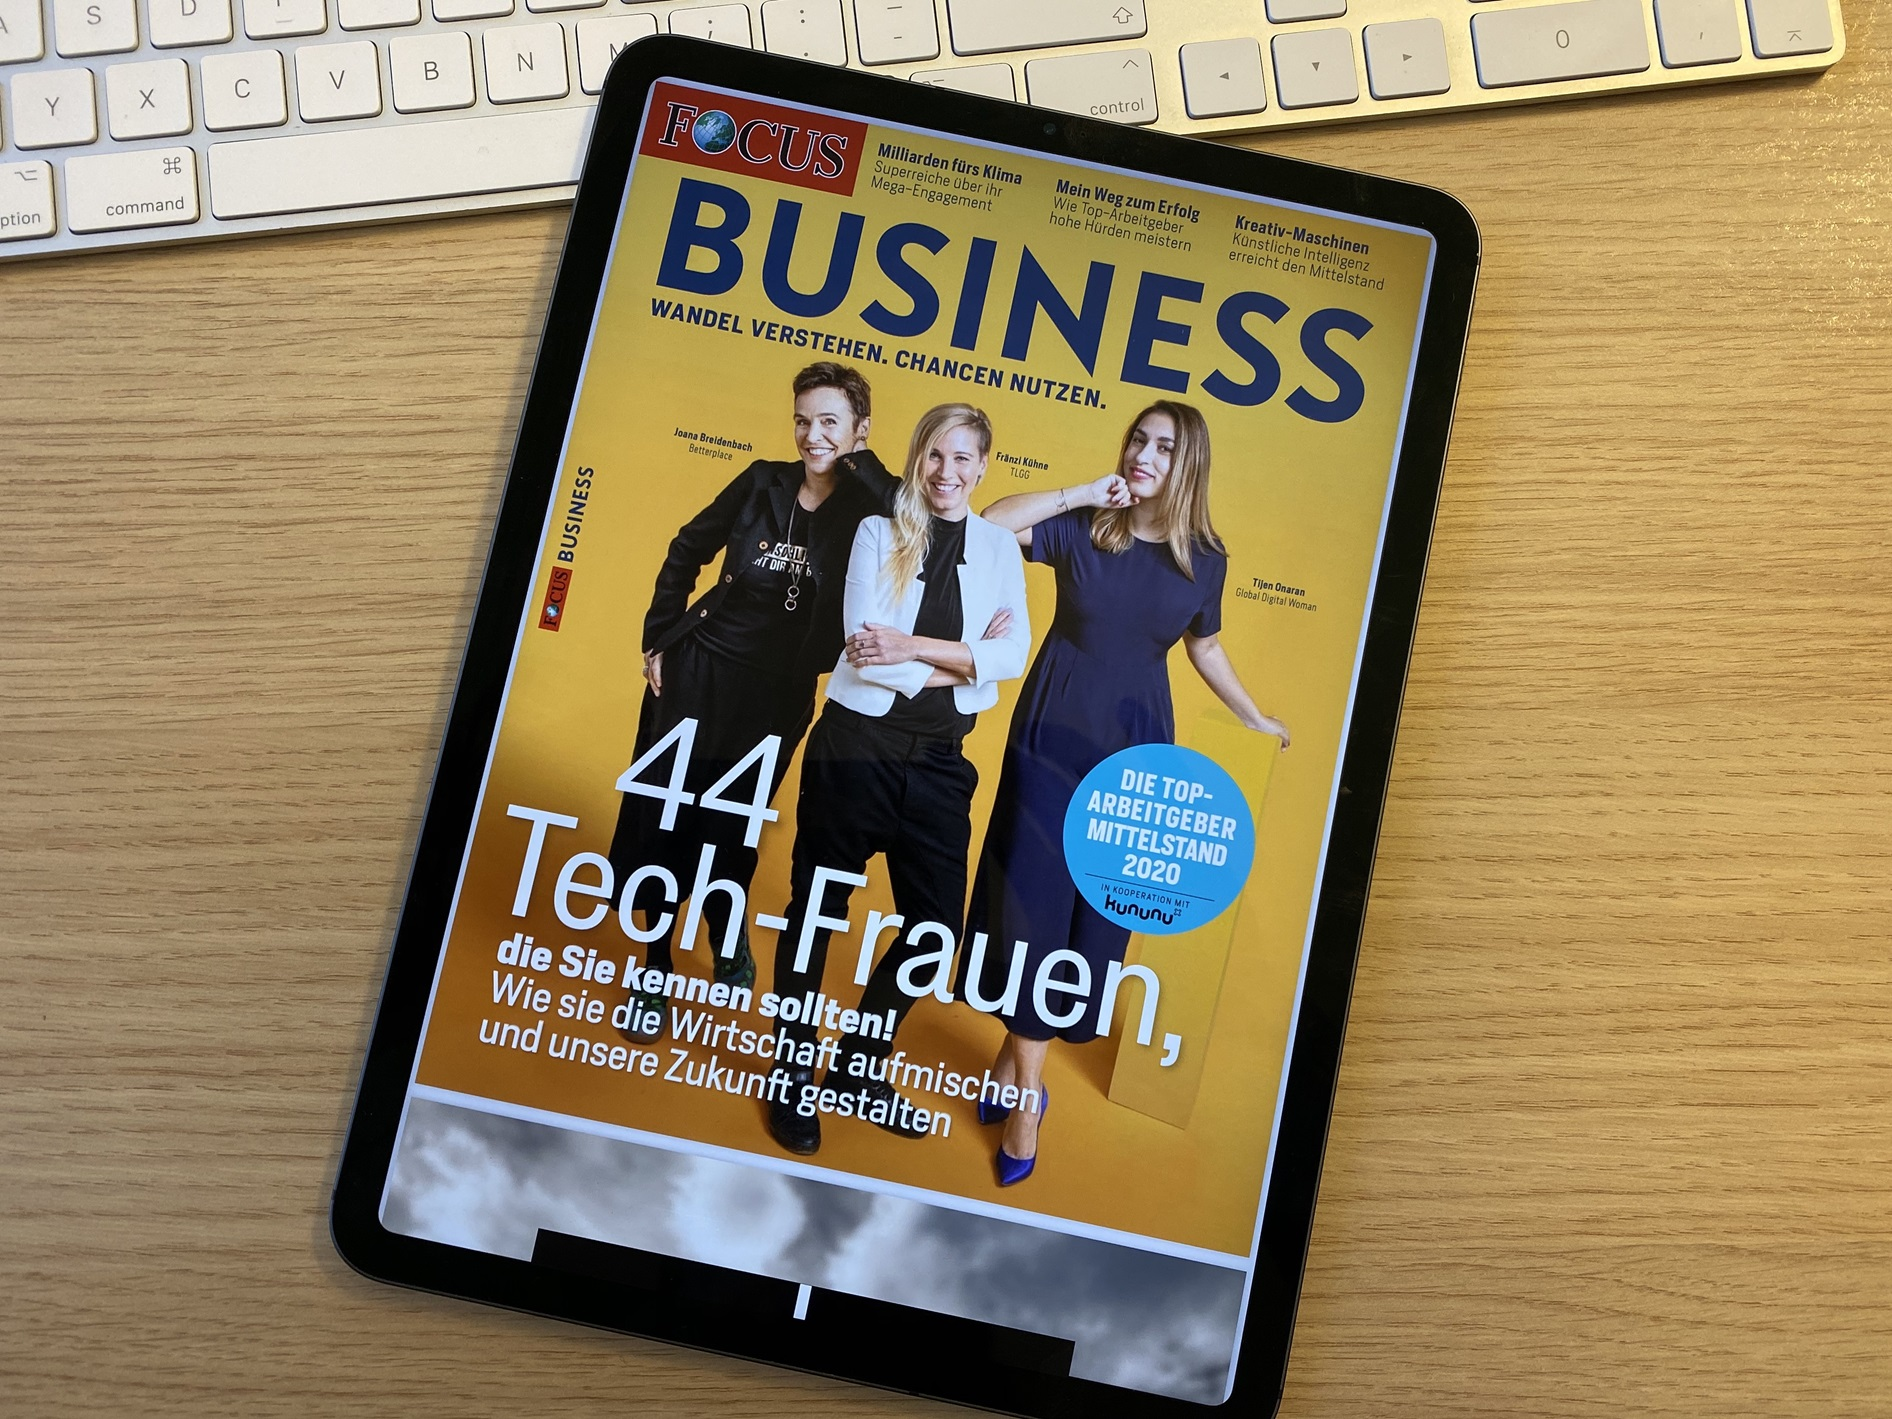 Focus Business 2019